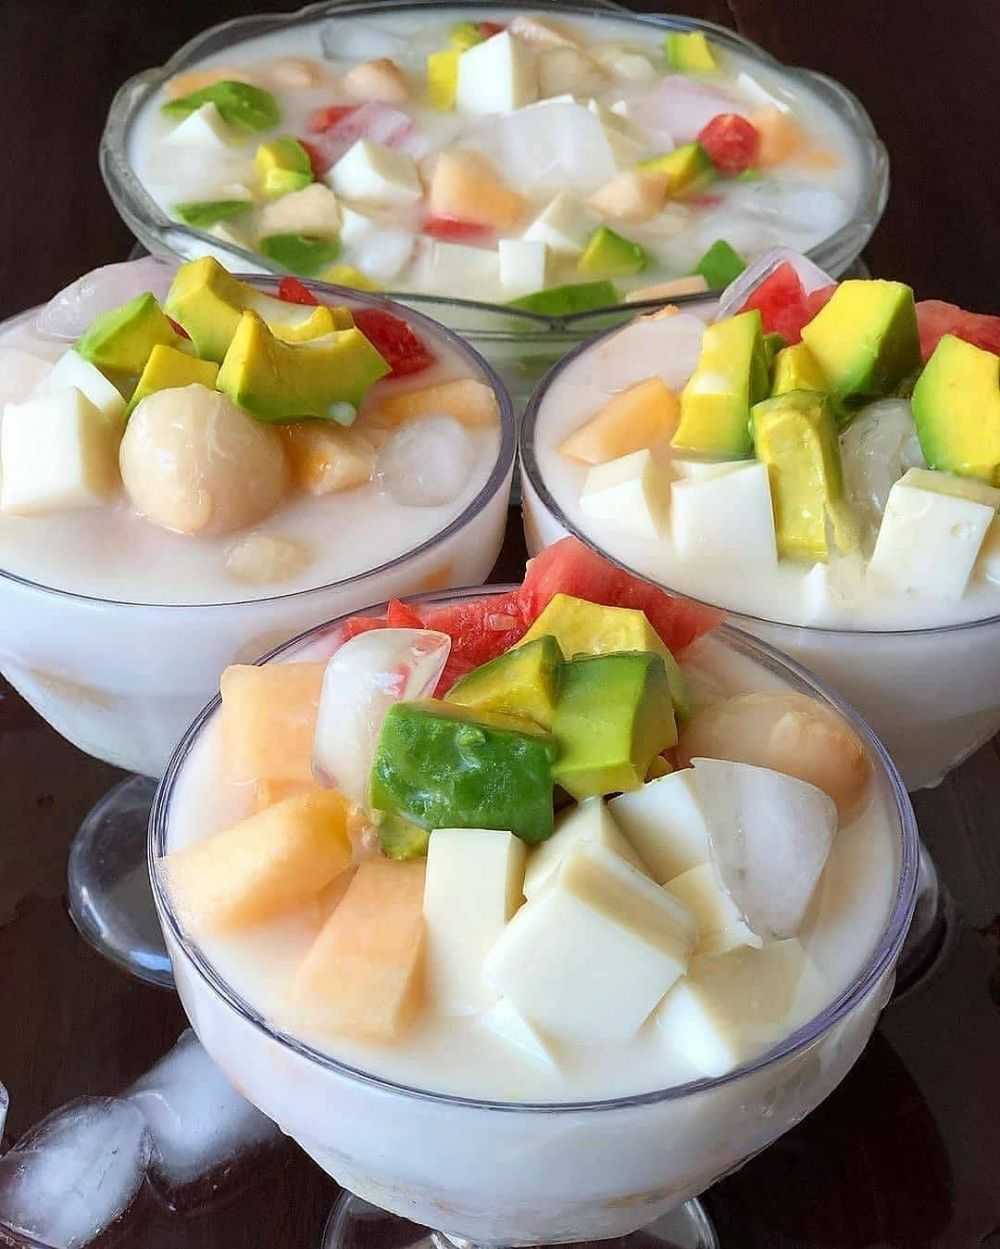 Resep Takjil Buka Puasa C 2020 Instagram Dapur Pandamerah Instagram Banususanto Di 2020 Resep Minuman Resep Makanan Ringan Sehat